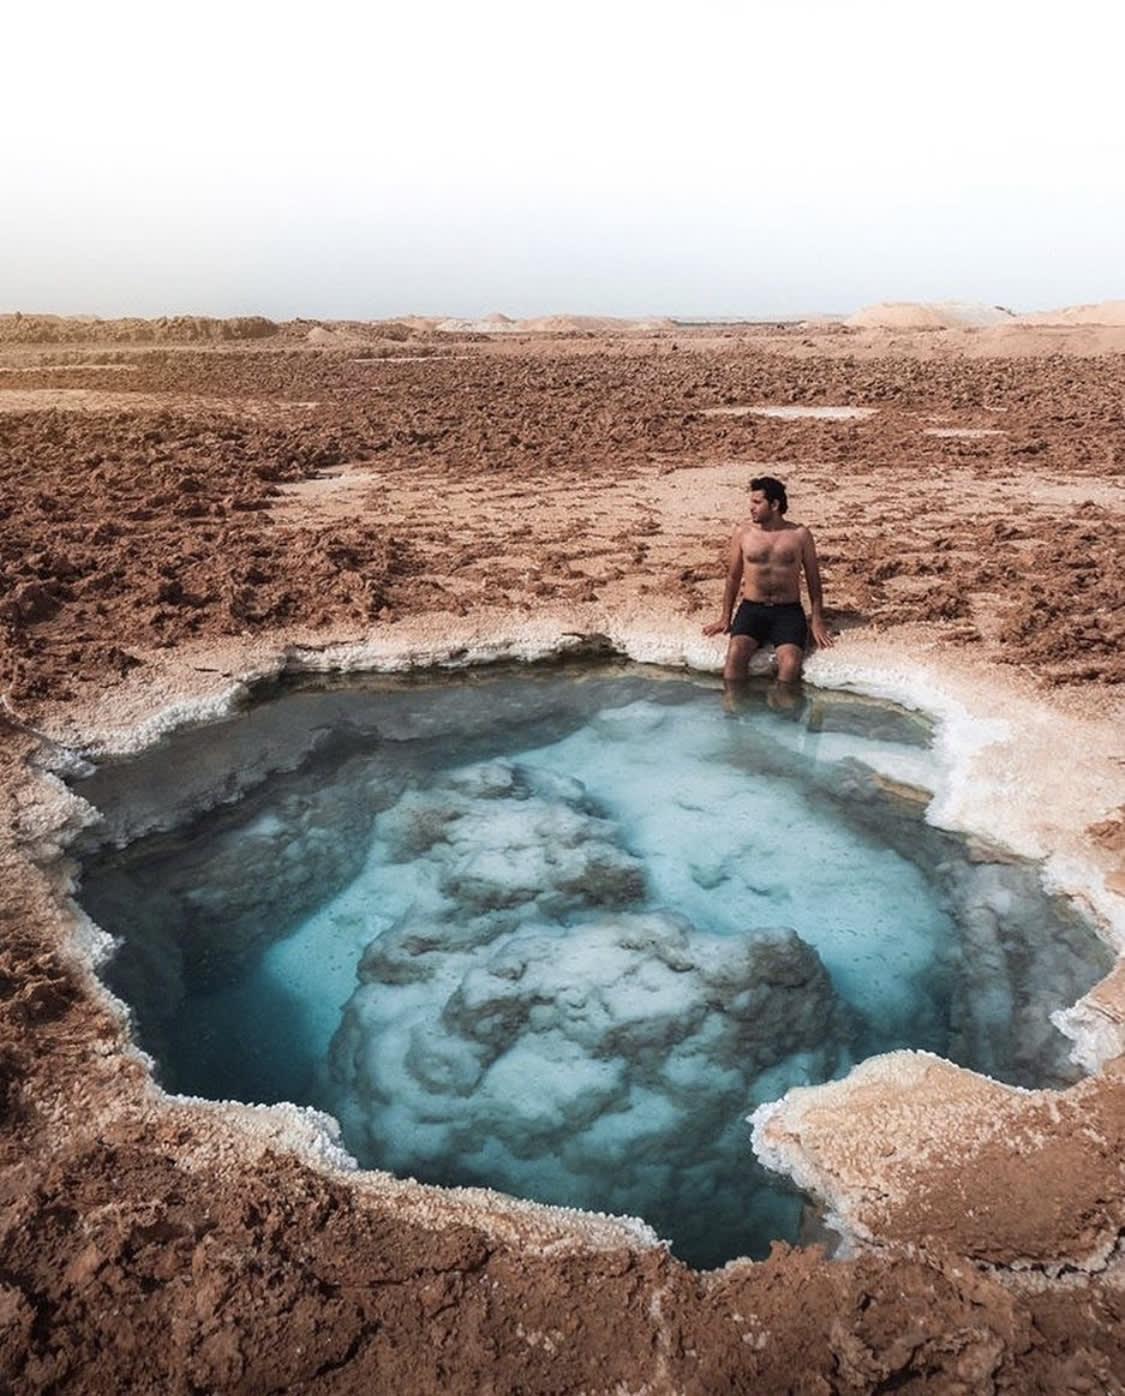 بحيرات الملح في واحة سيوة بمصر